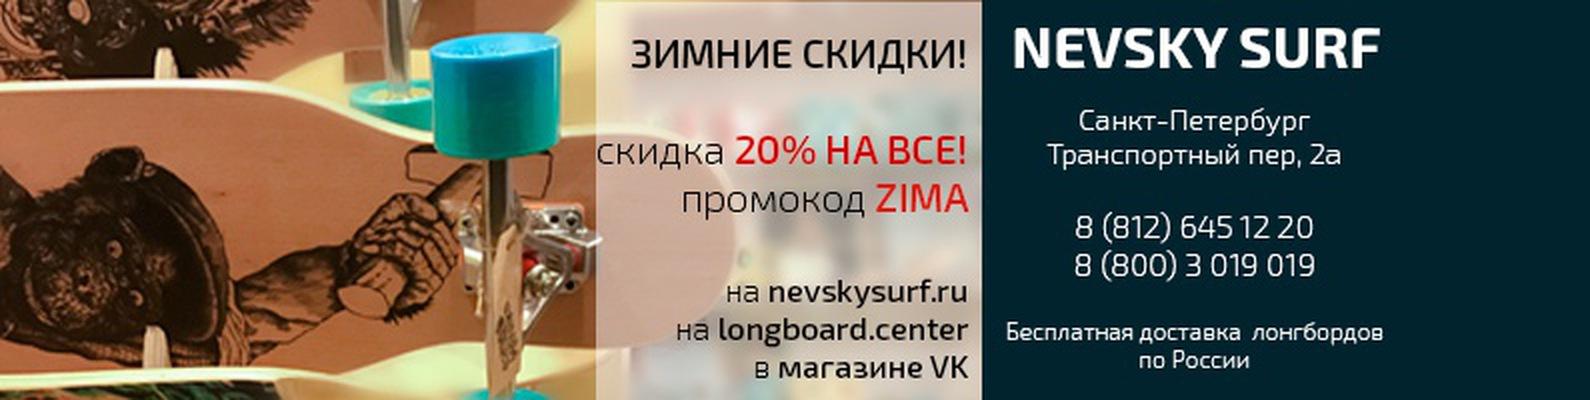 Сервис прокси  купить Русские прокси для Инстаграм и